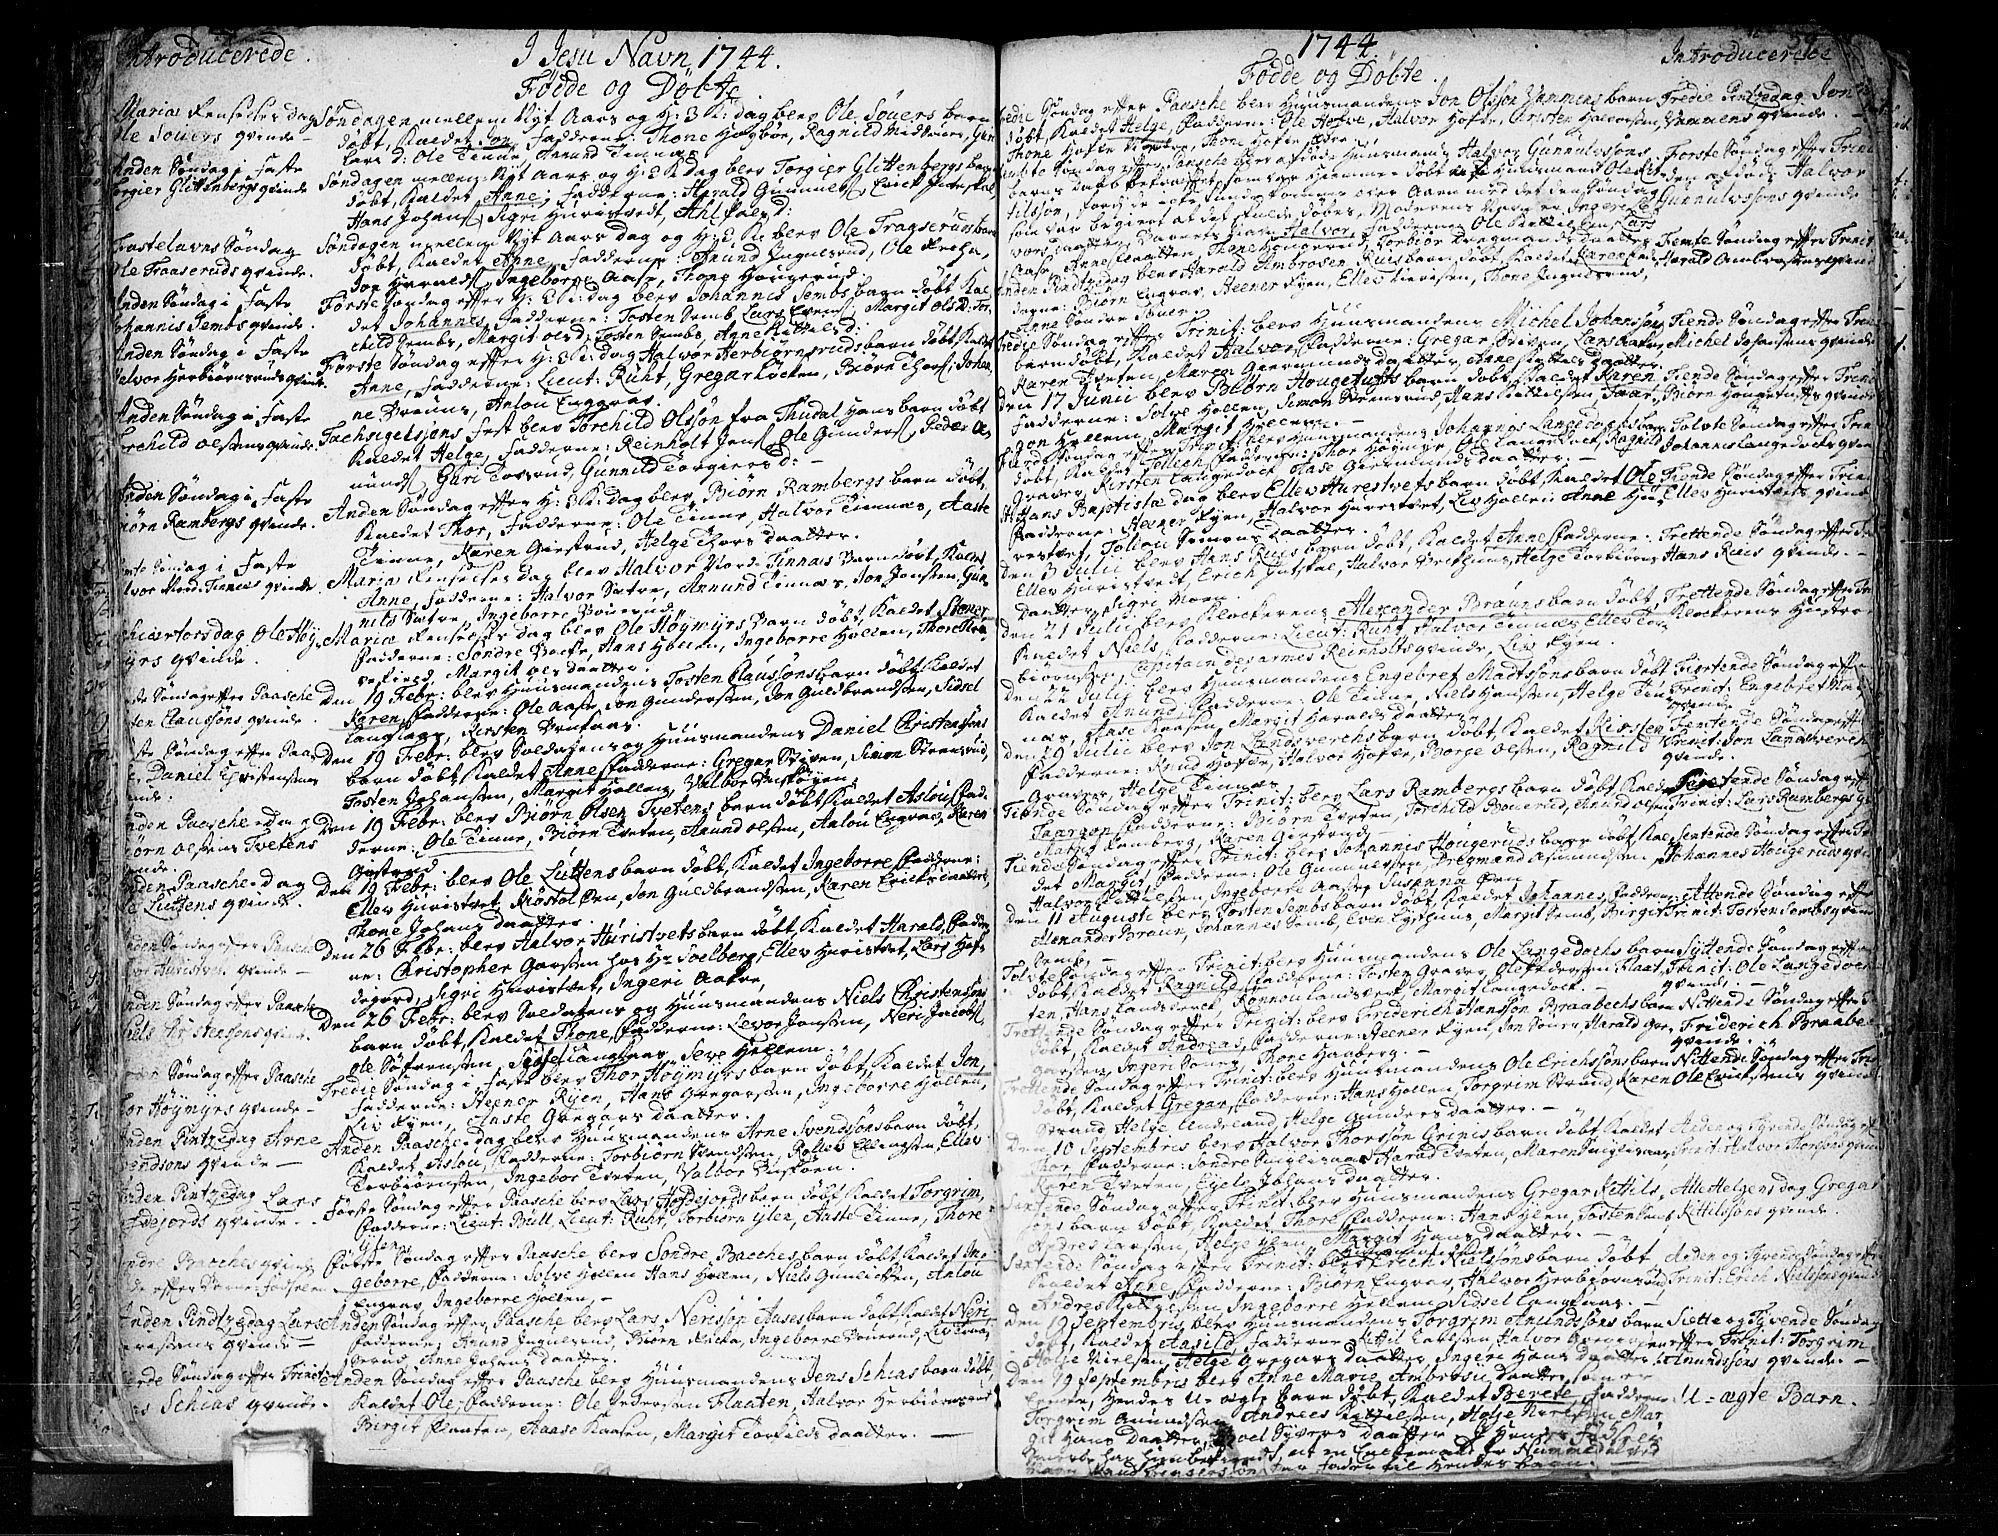 SAKO, Heddal kirkebøker, F/Fa/L0003: Ministerialbok nr. I 3, 1723-1783, s. 59